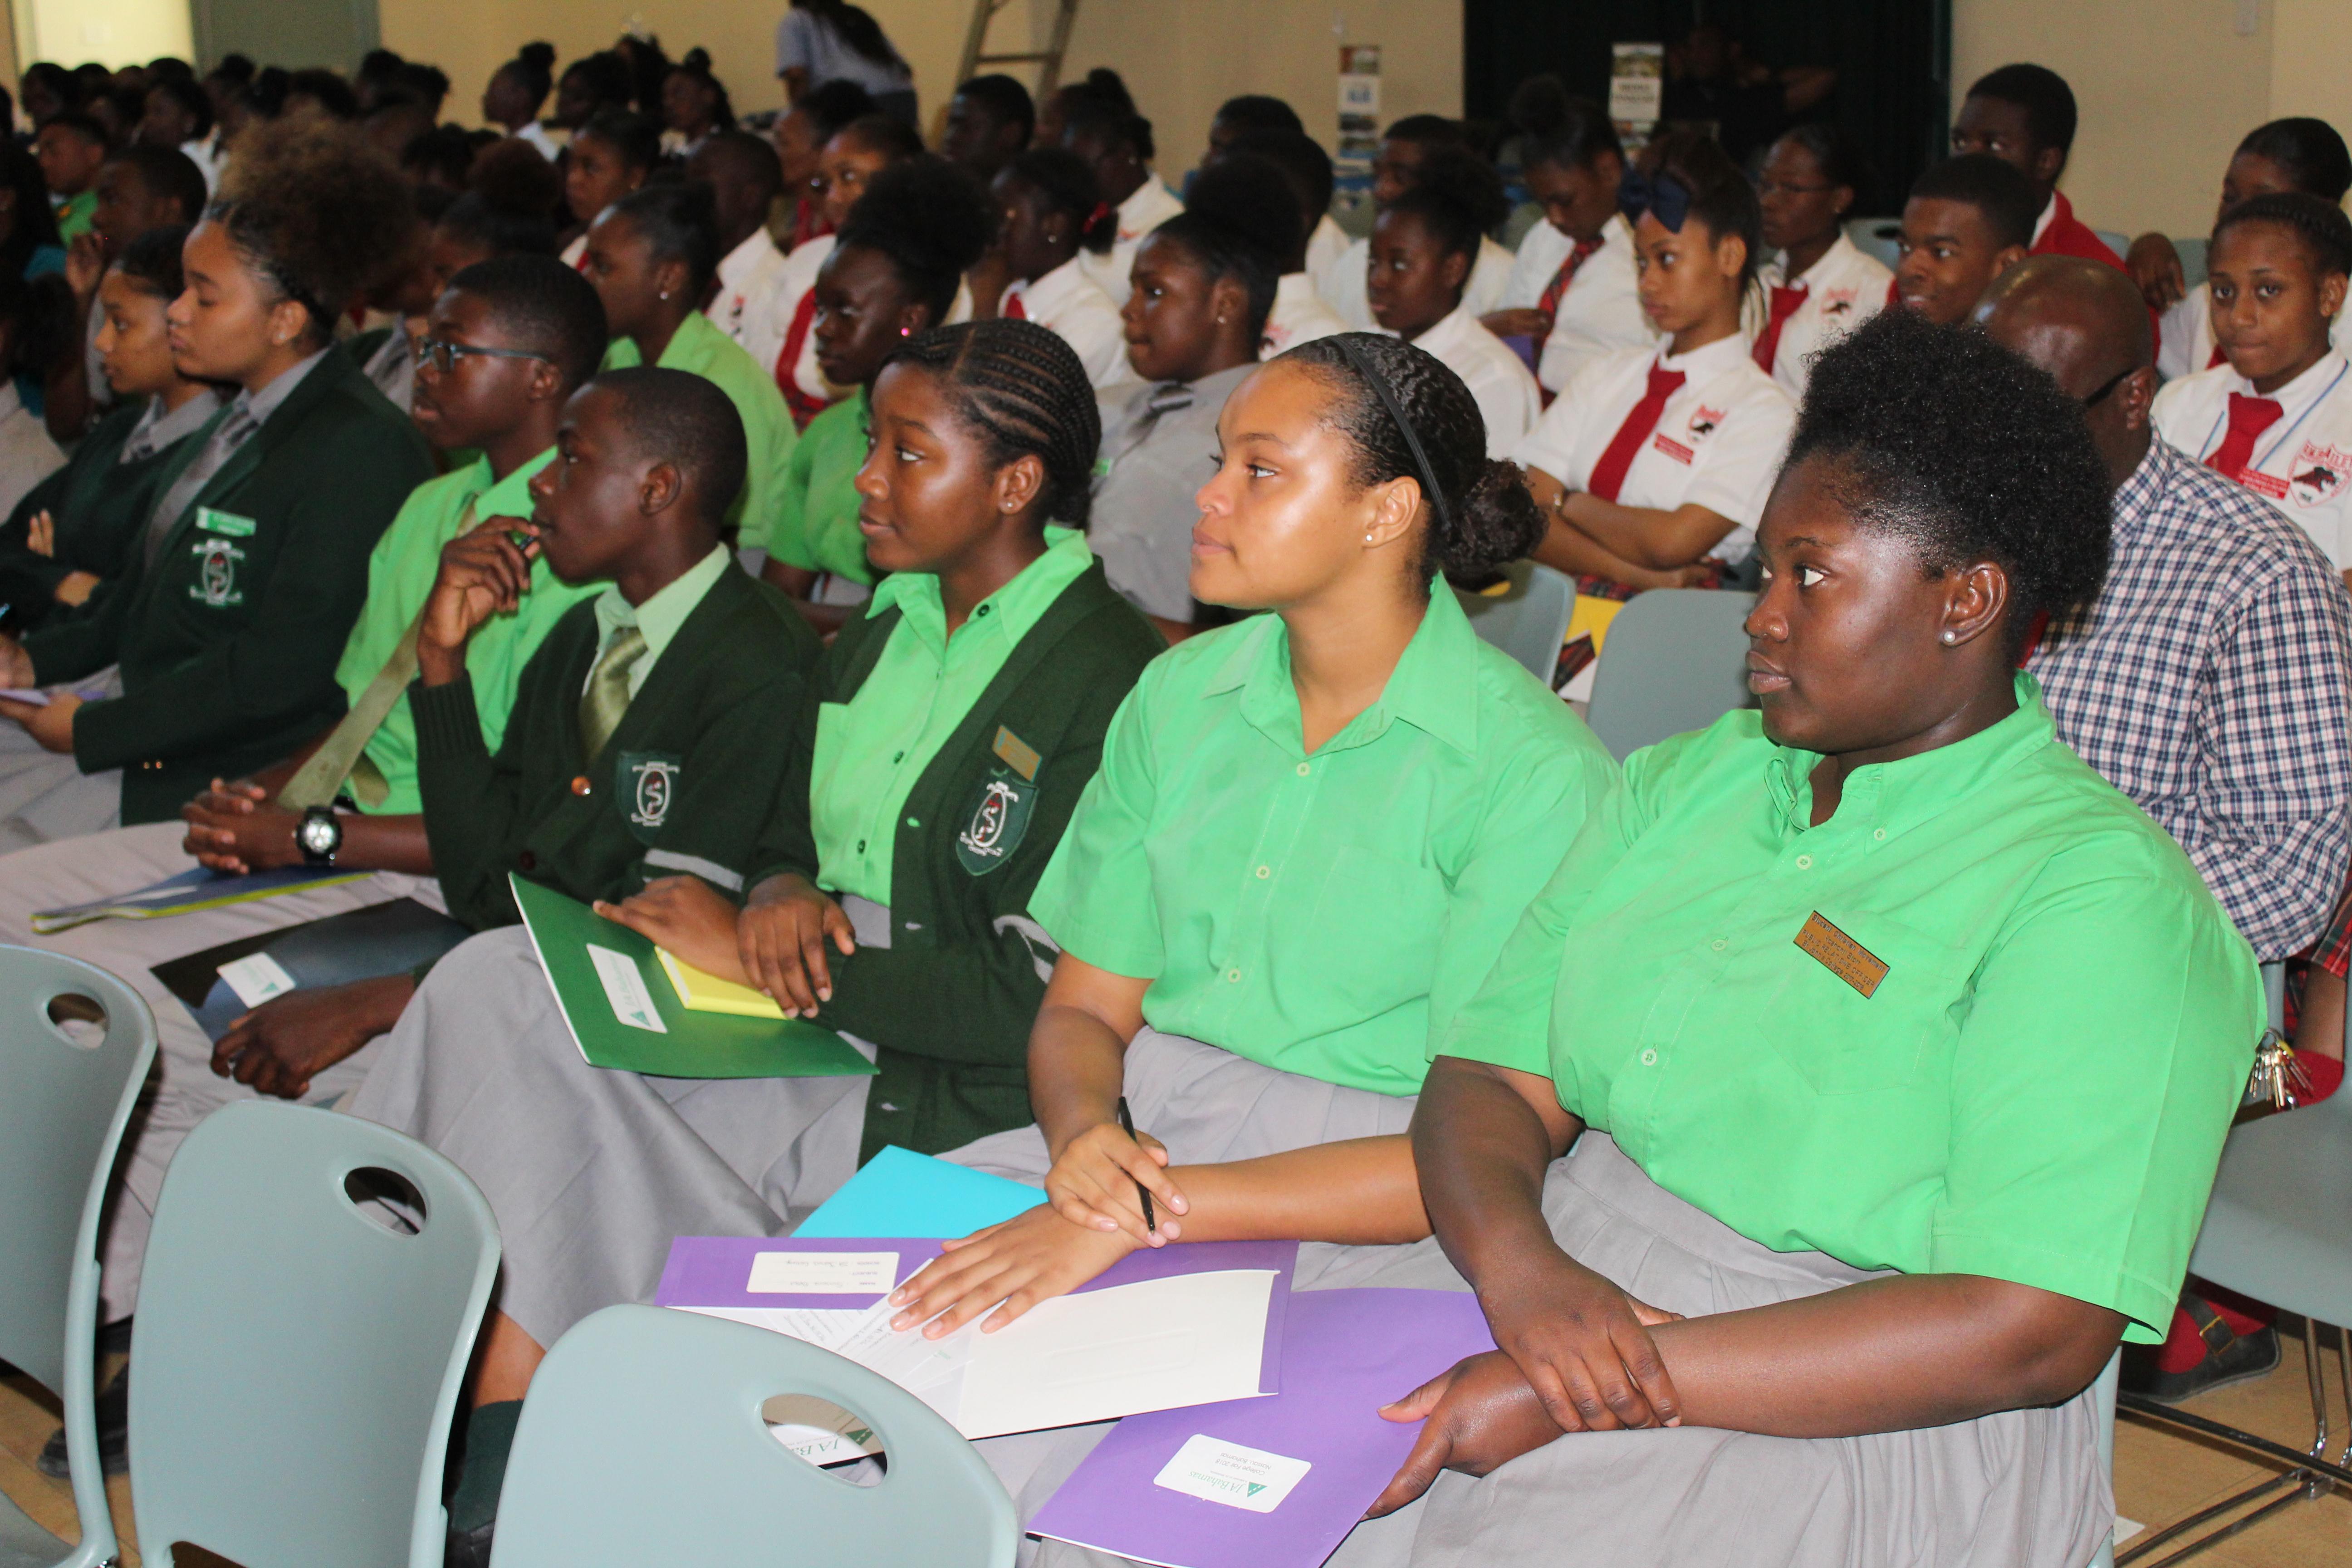 JA College Fair New Providence